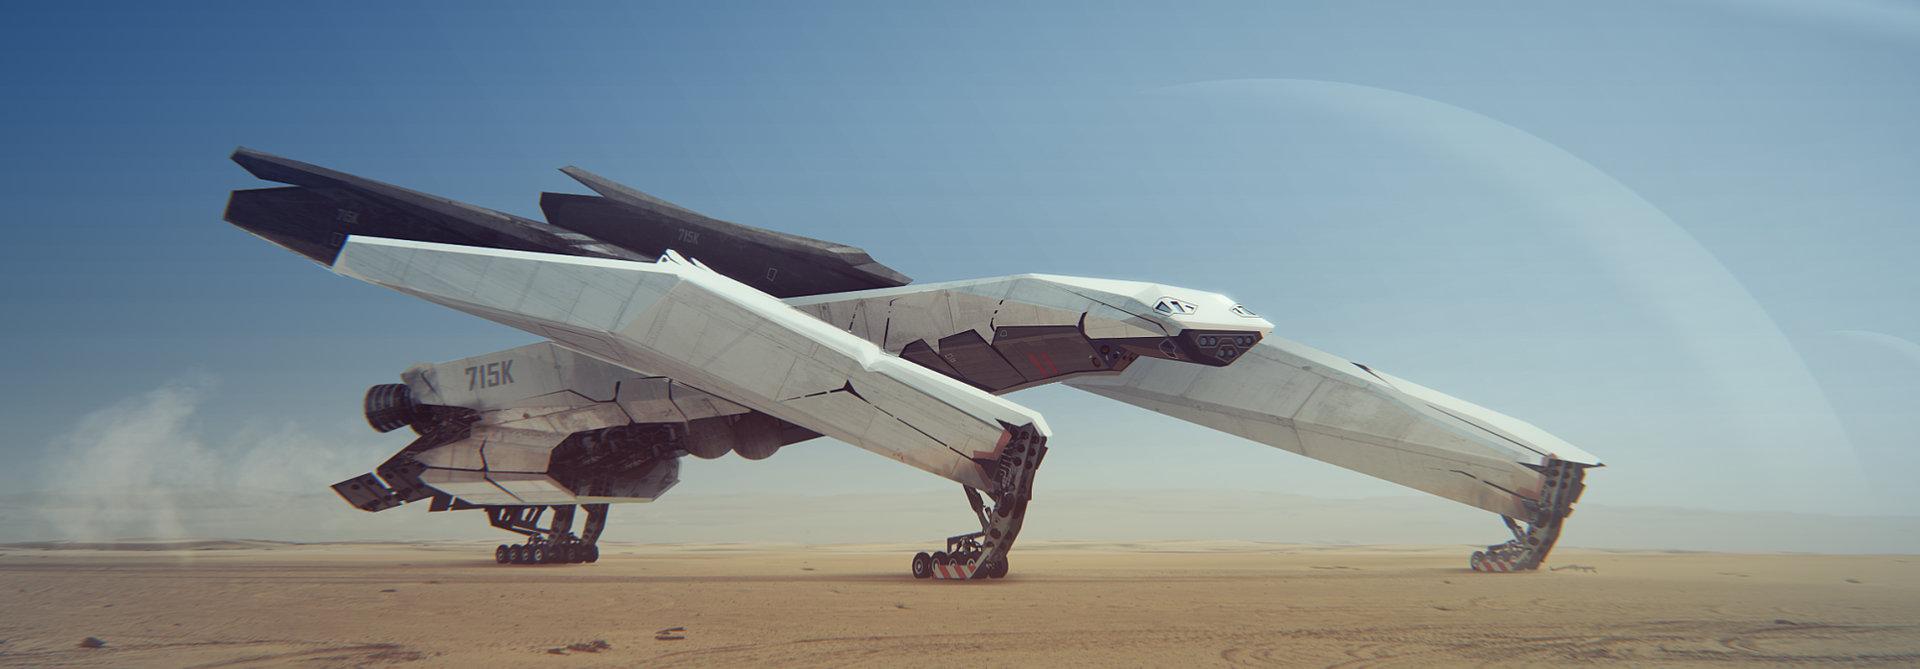 sci fi space shuttle craft - photo #45